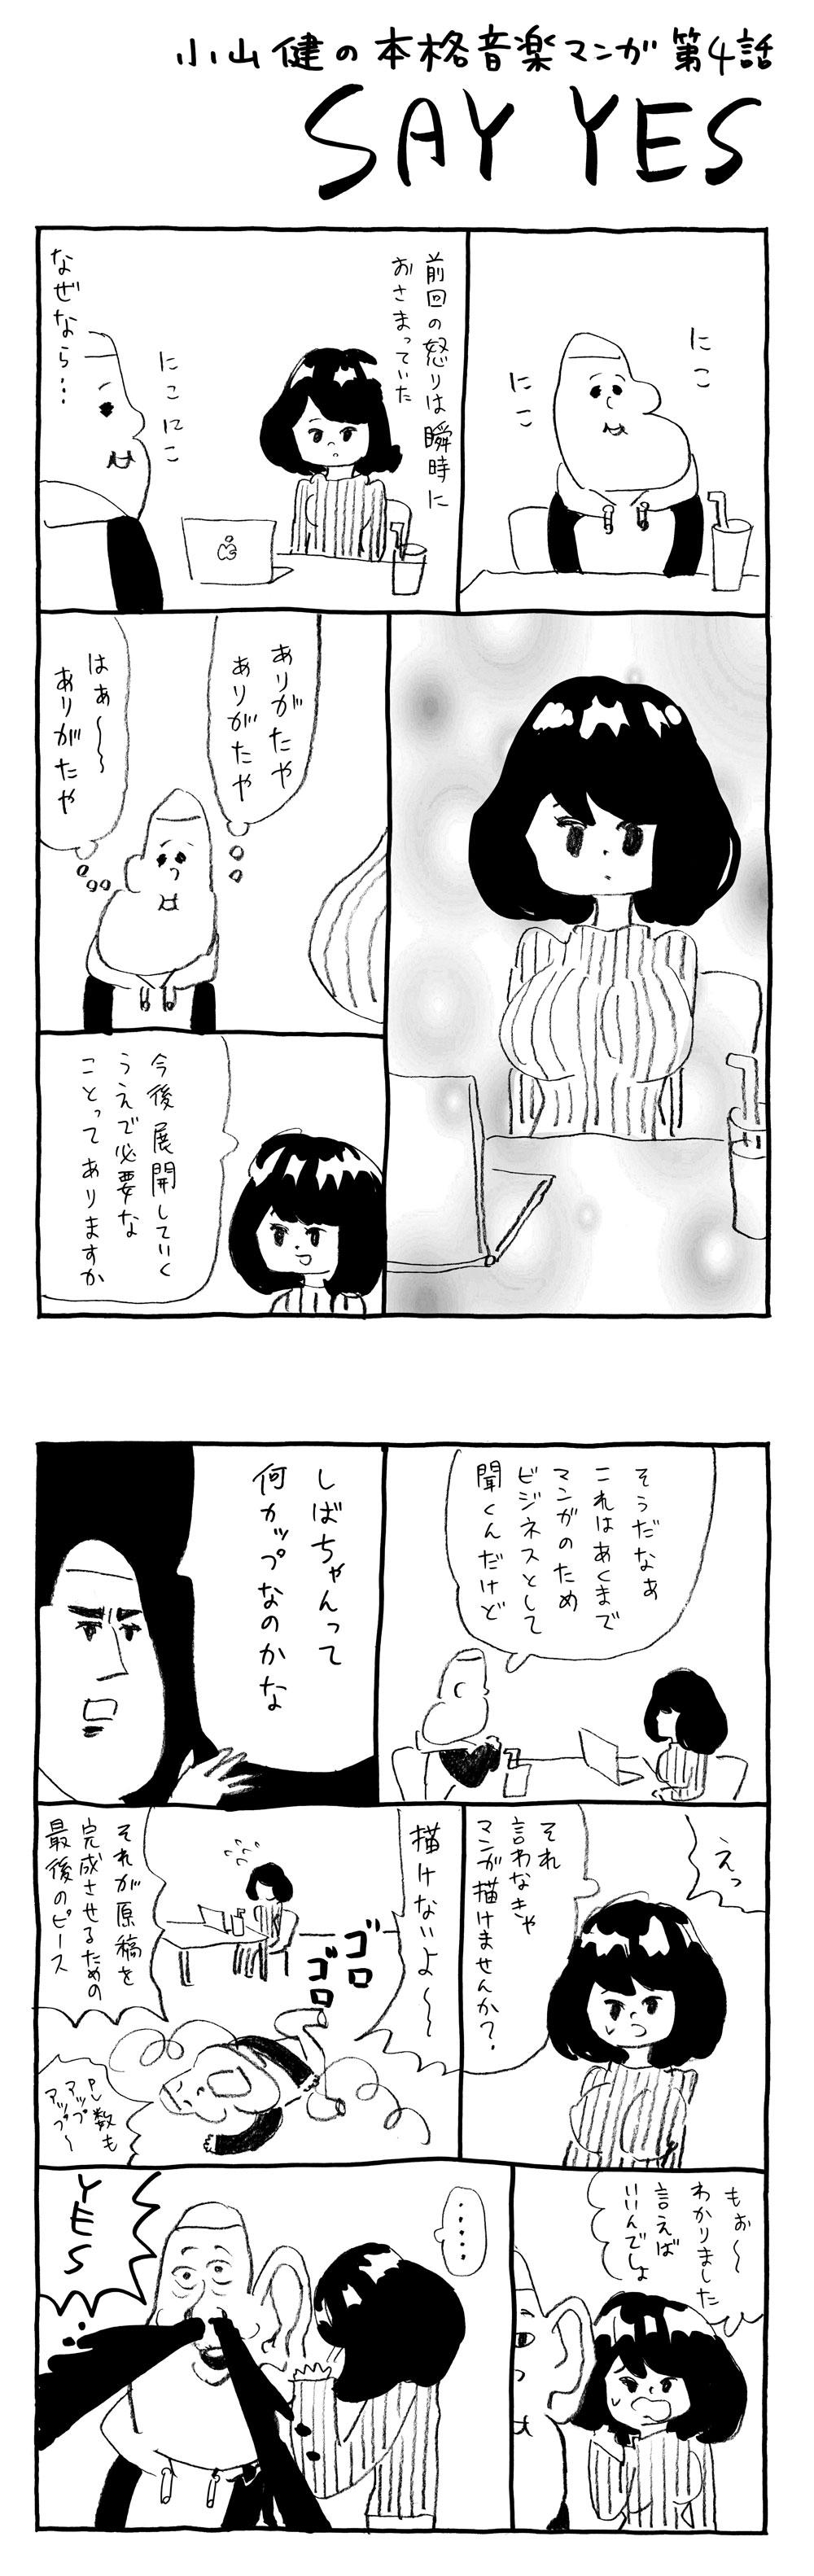 koyama-004